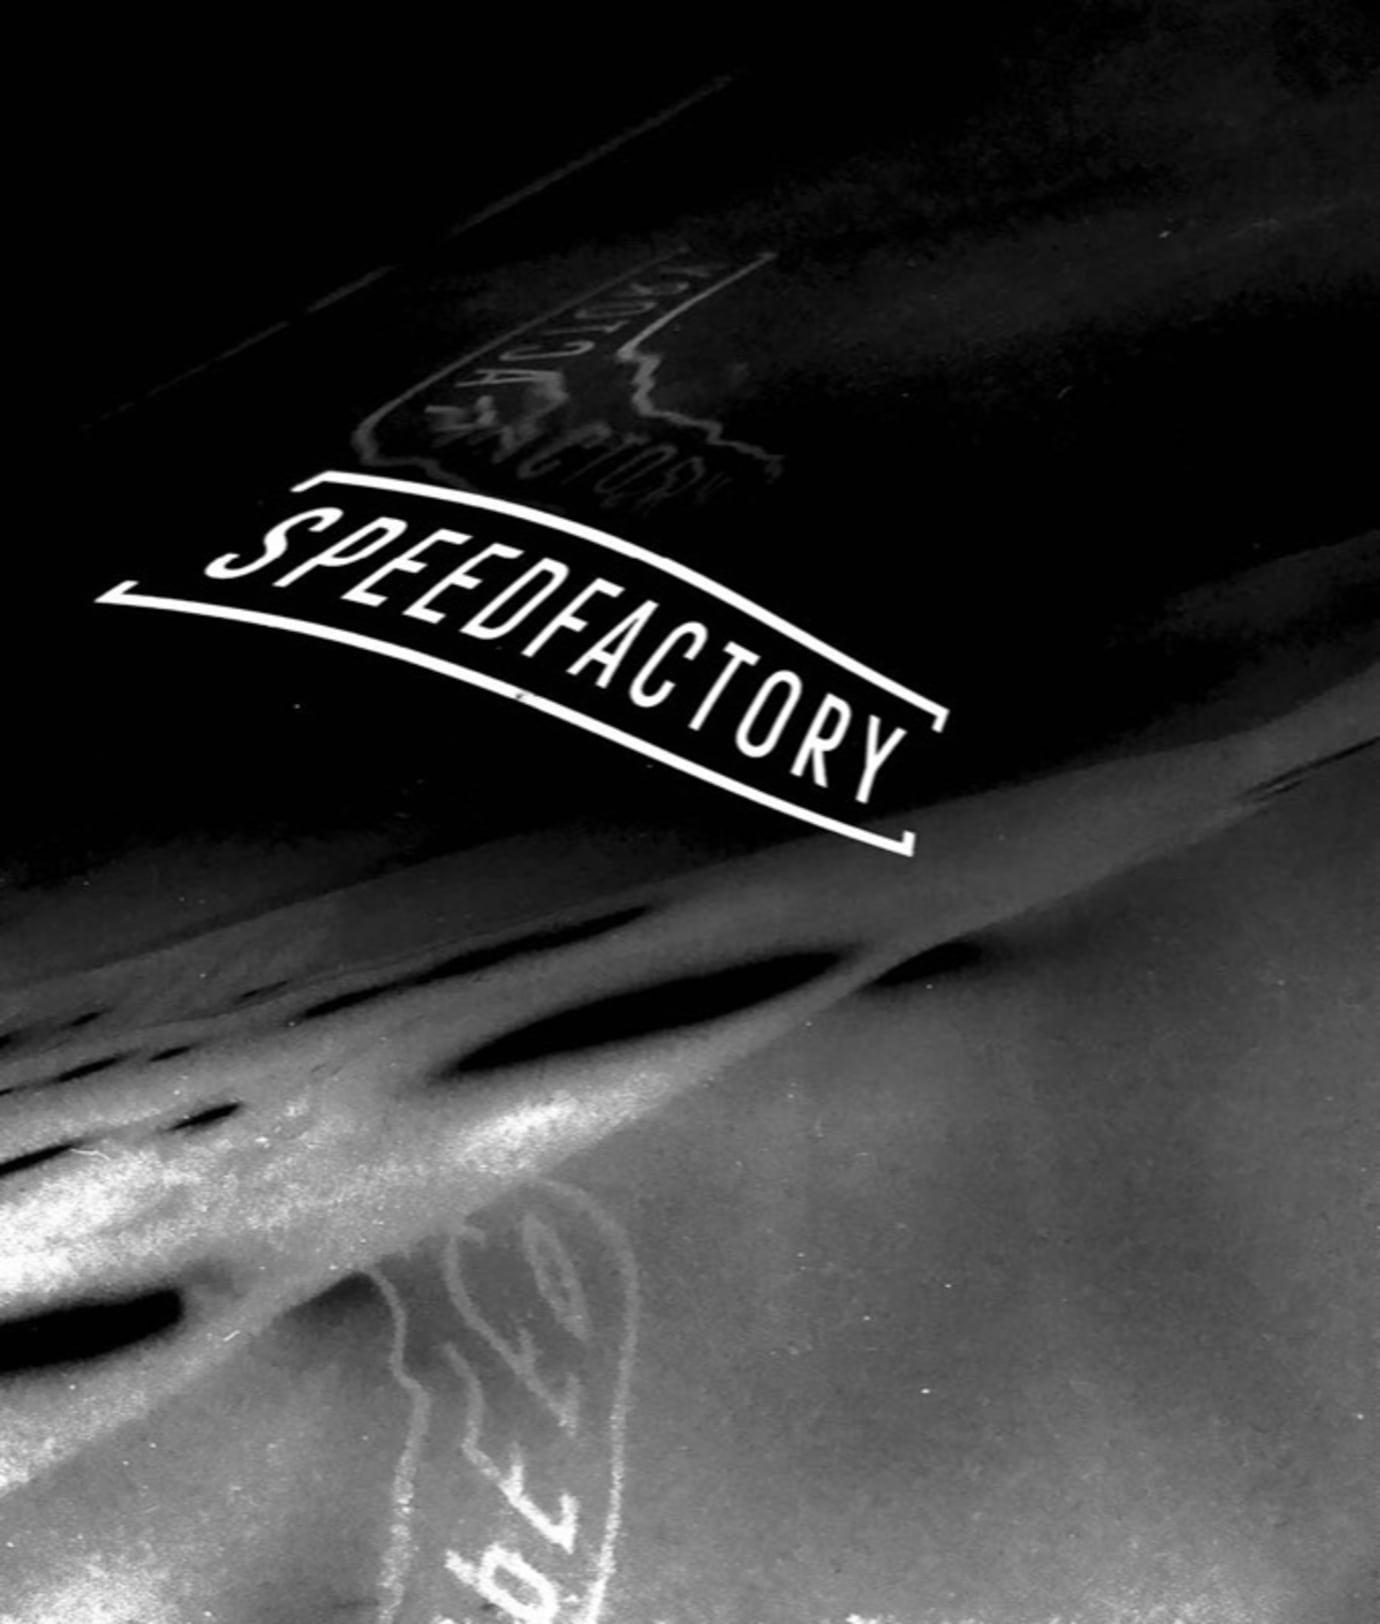 e98d4a4a63a Adidas SpeedFactory AM4NYC Release Date